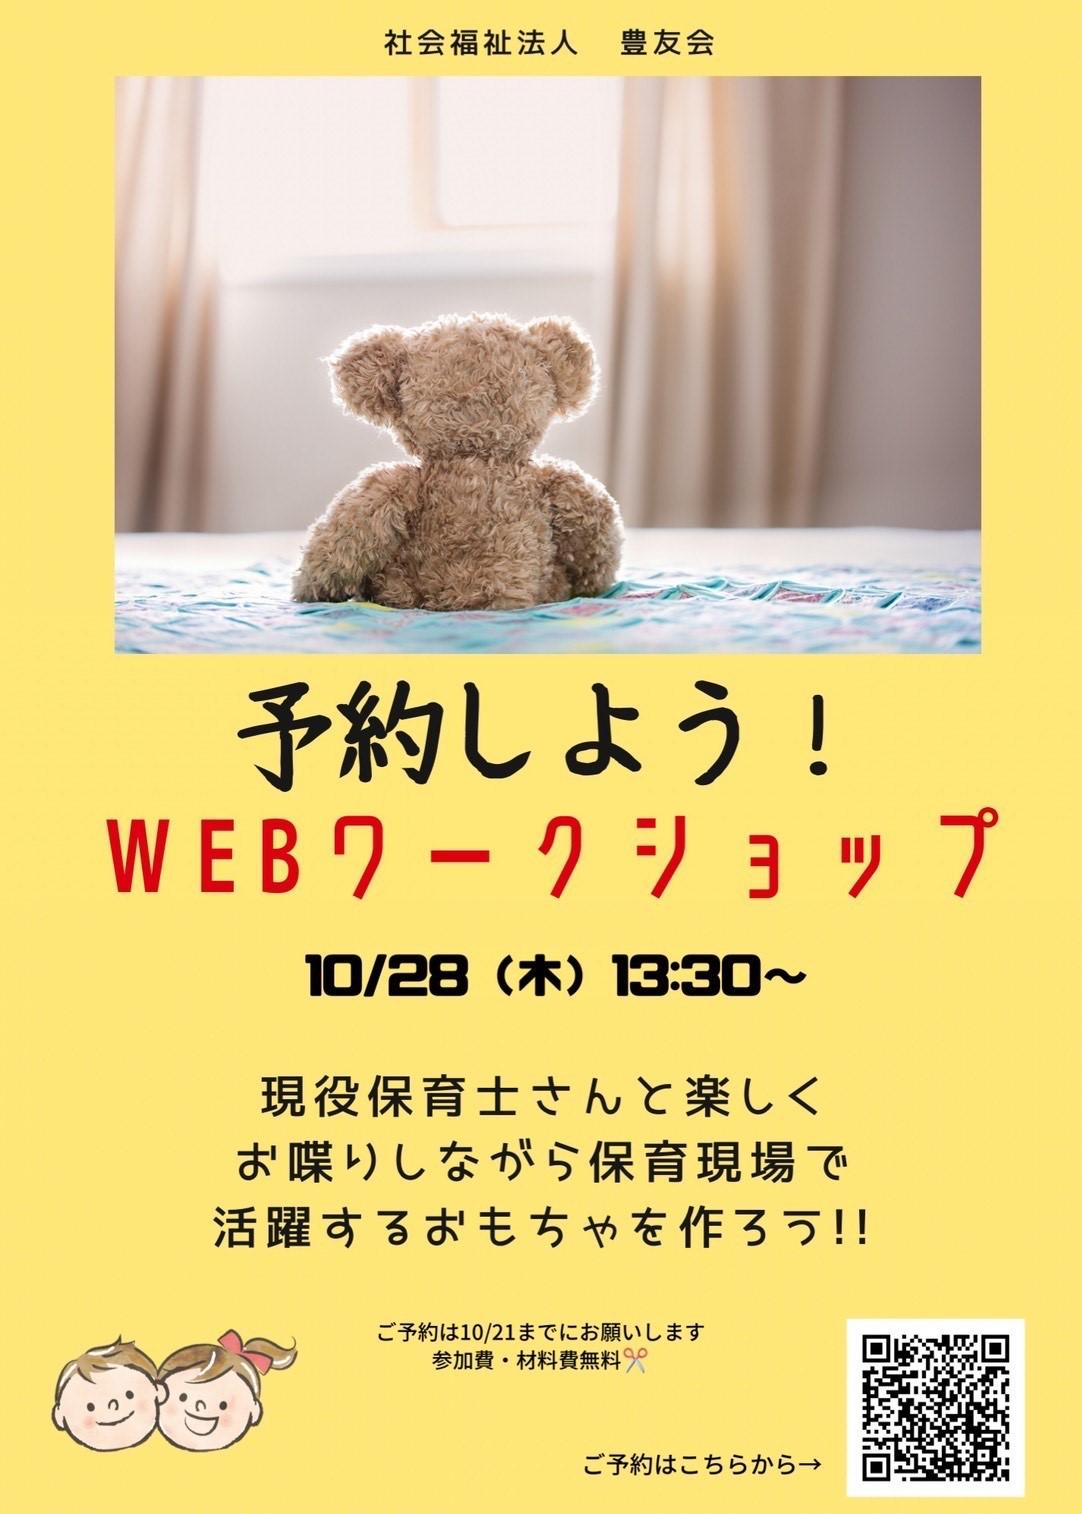 WEBワークショップ